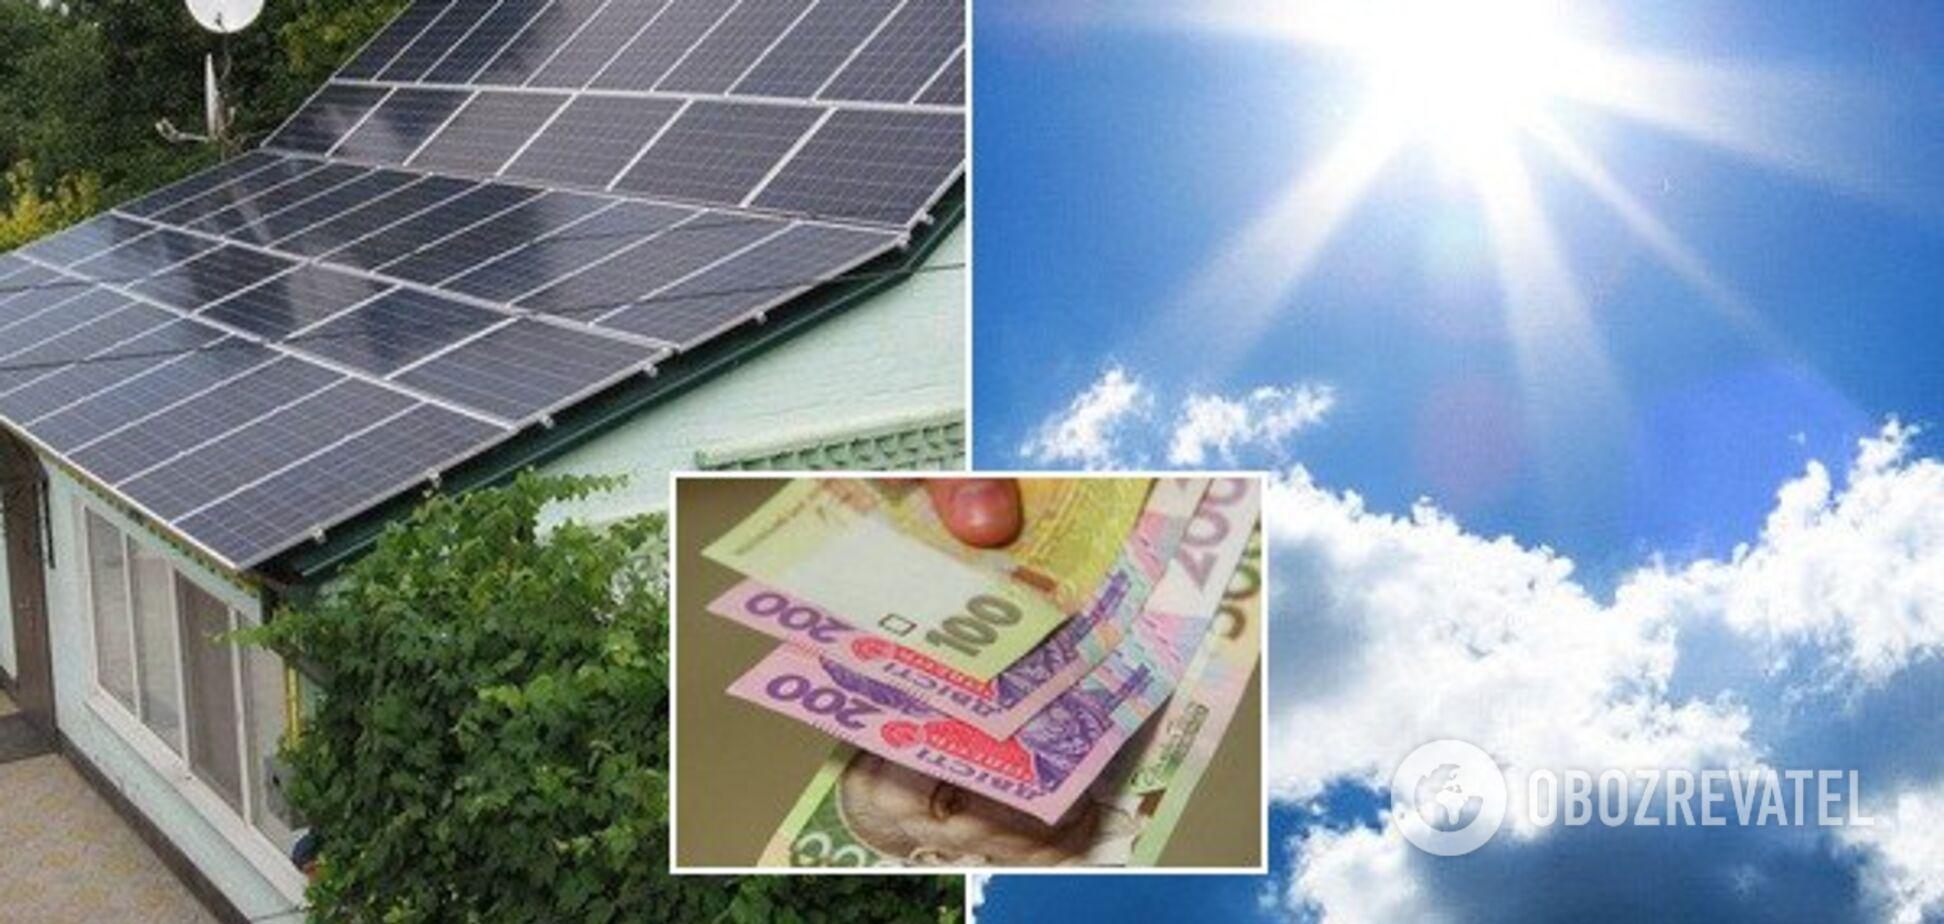 Гривні на сонці: як заробити на домашній сонячній станції